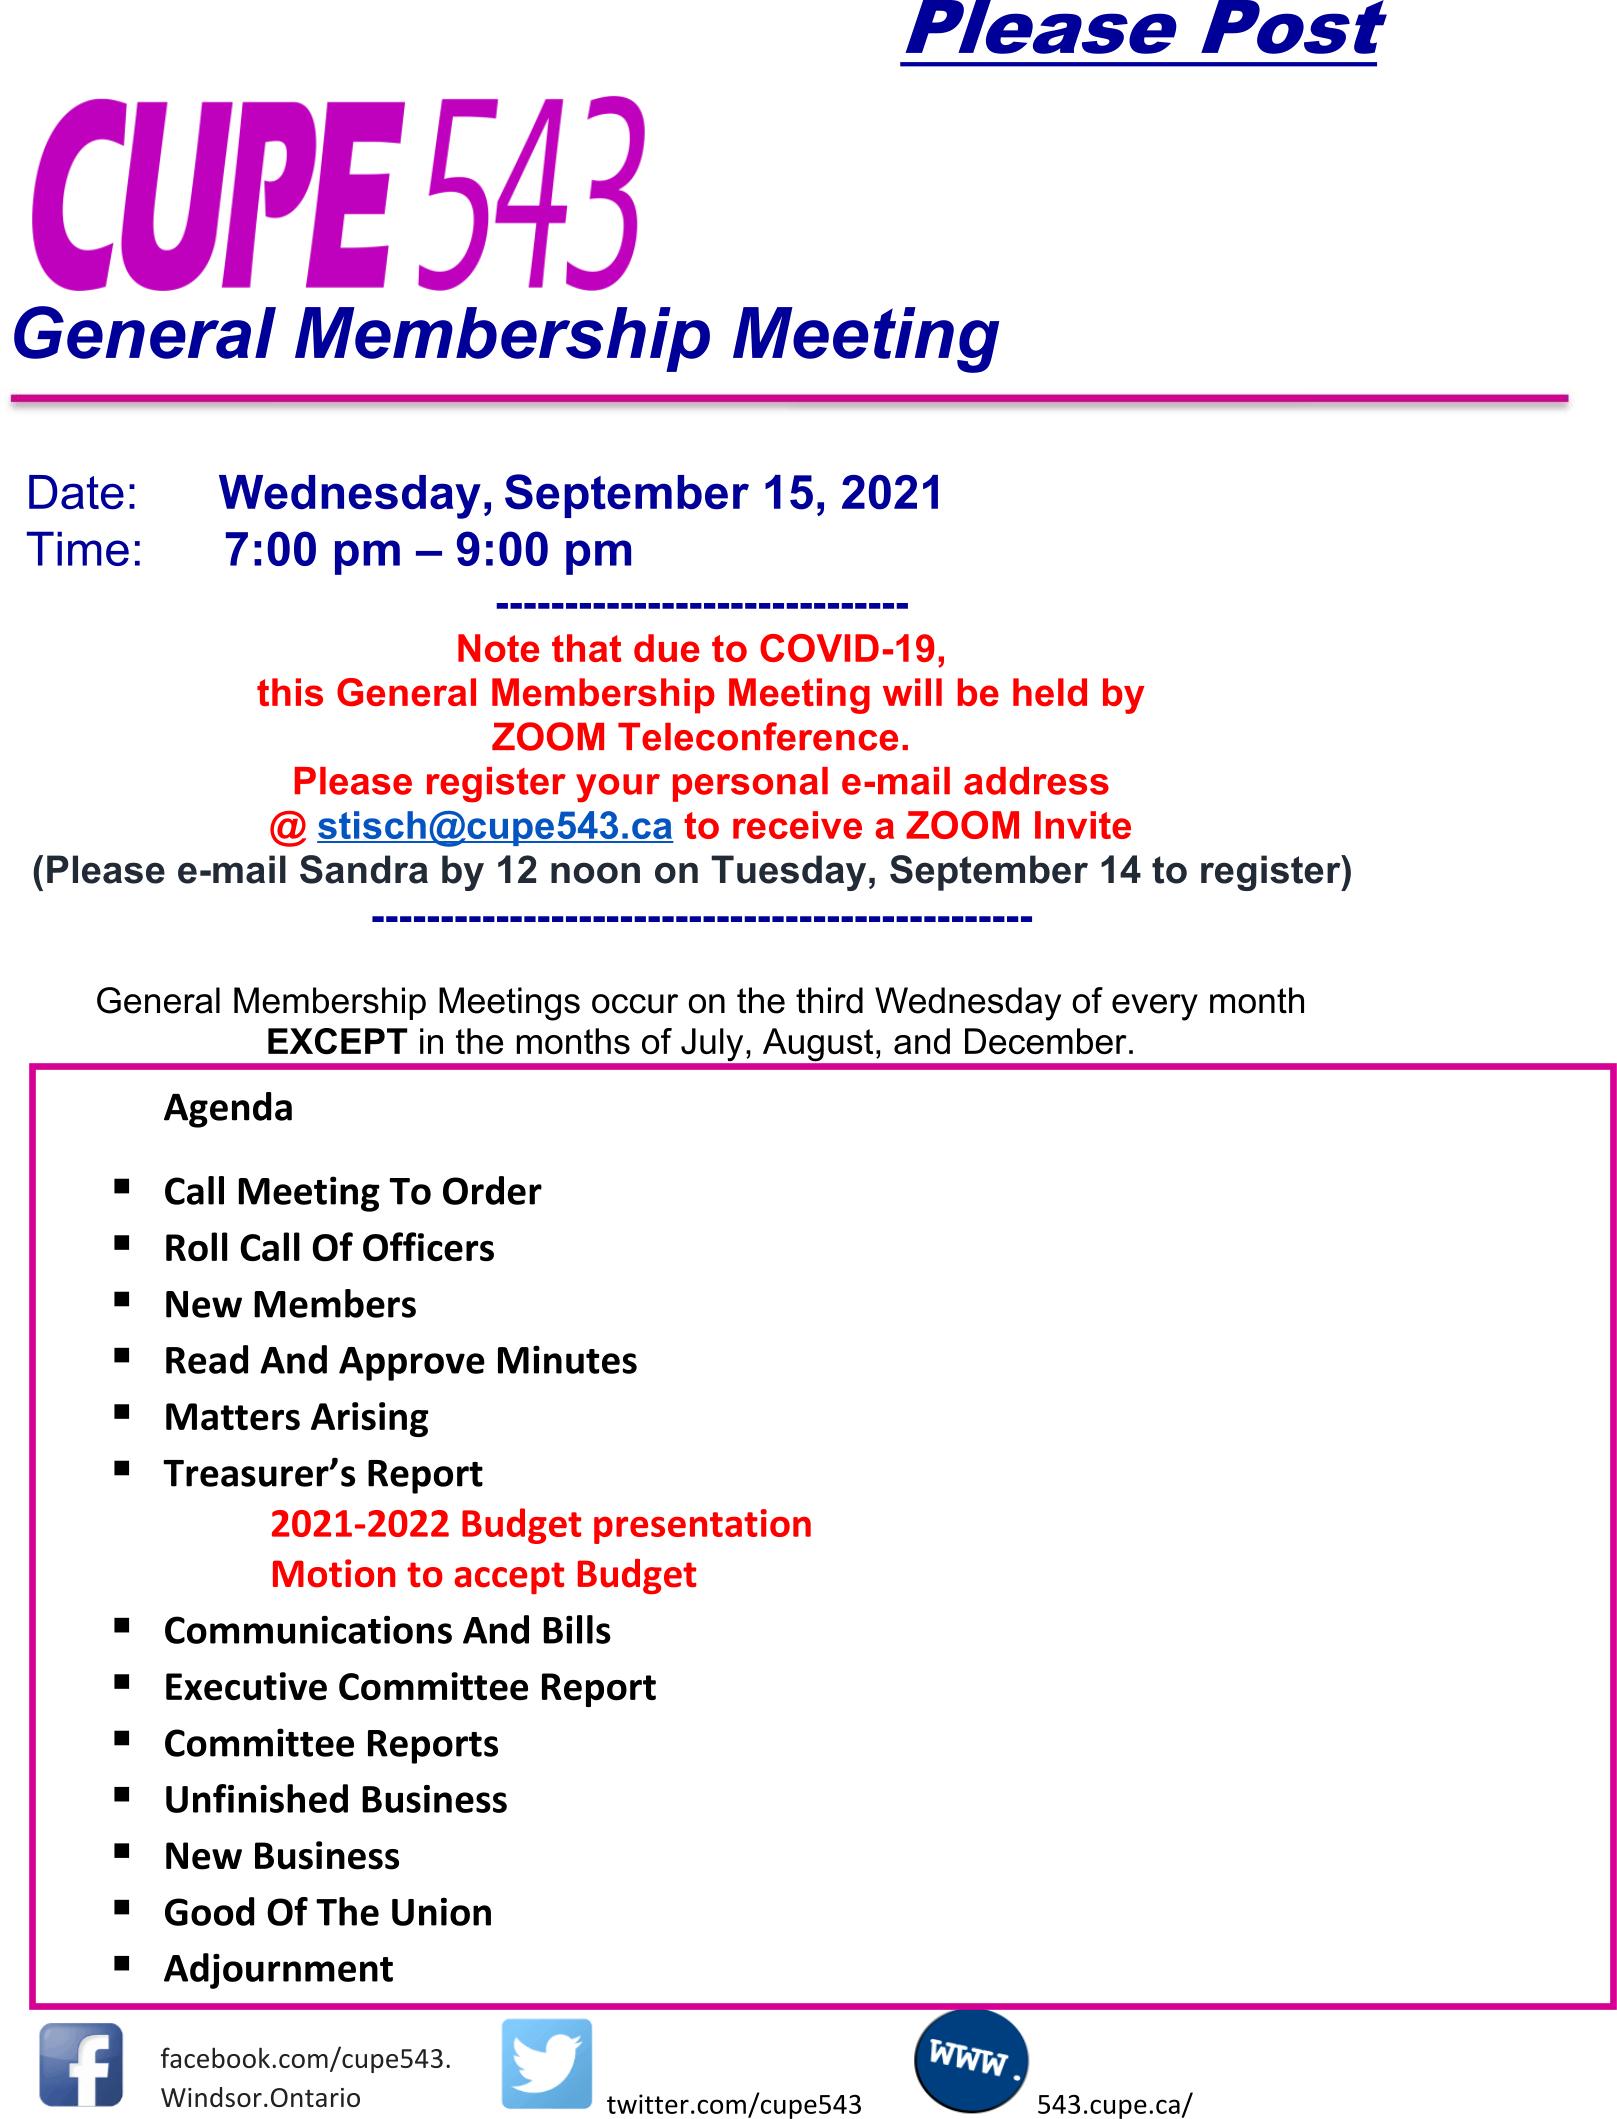 General Membership Meeting @ Zoom